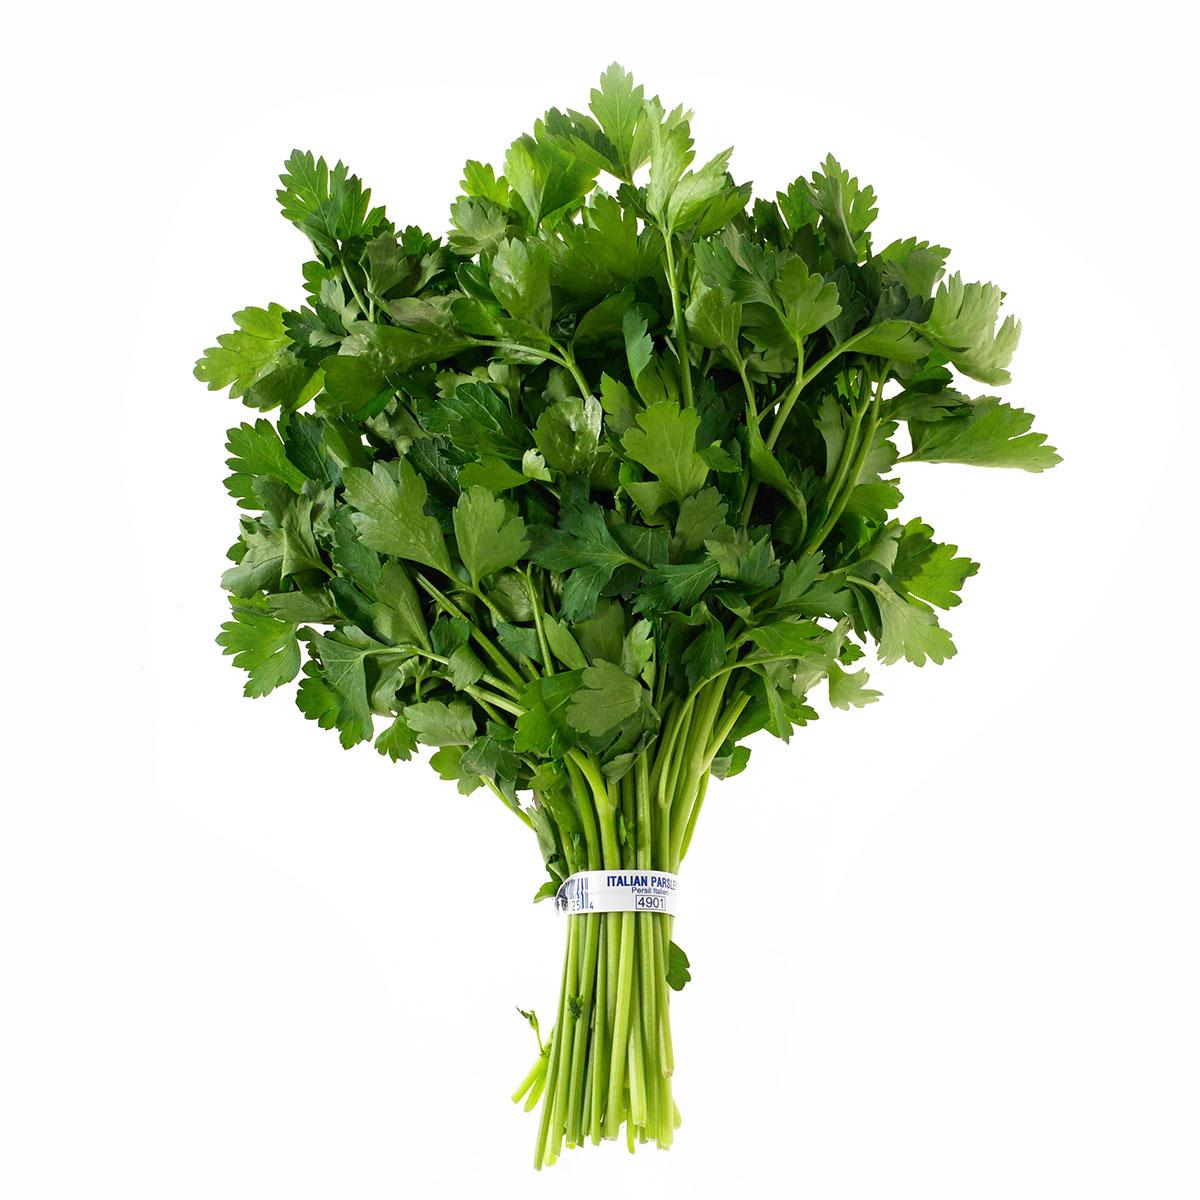 Leaves-of-Parsley